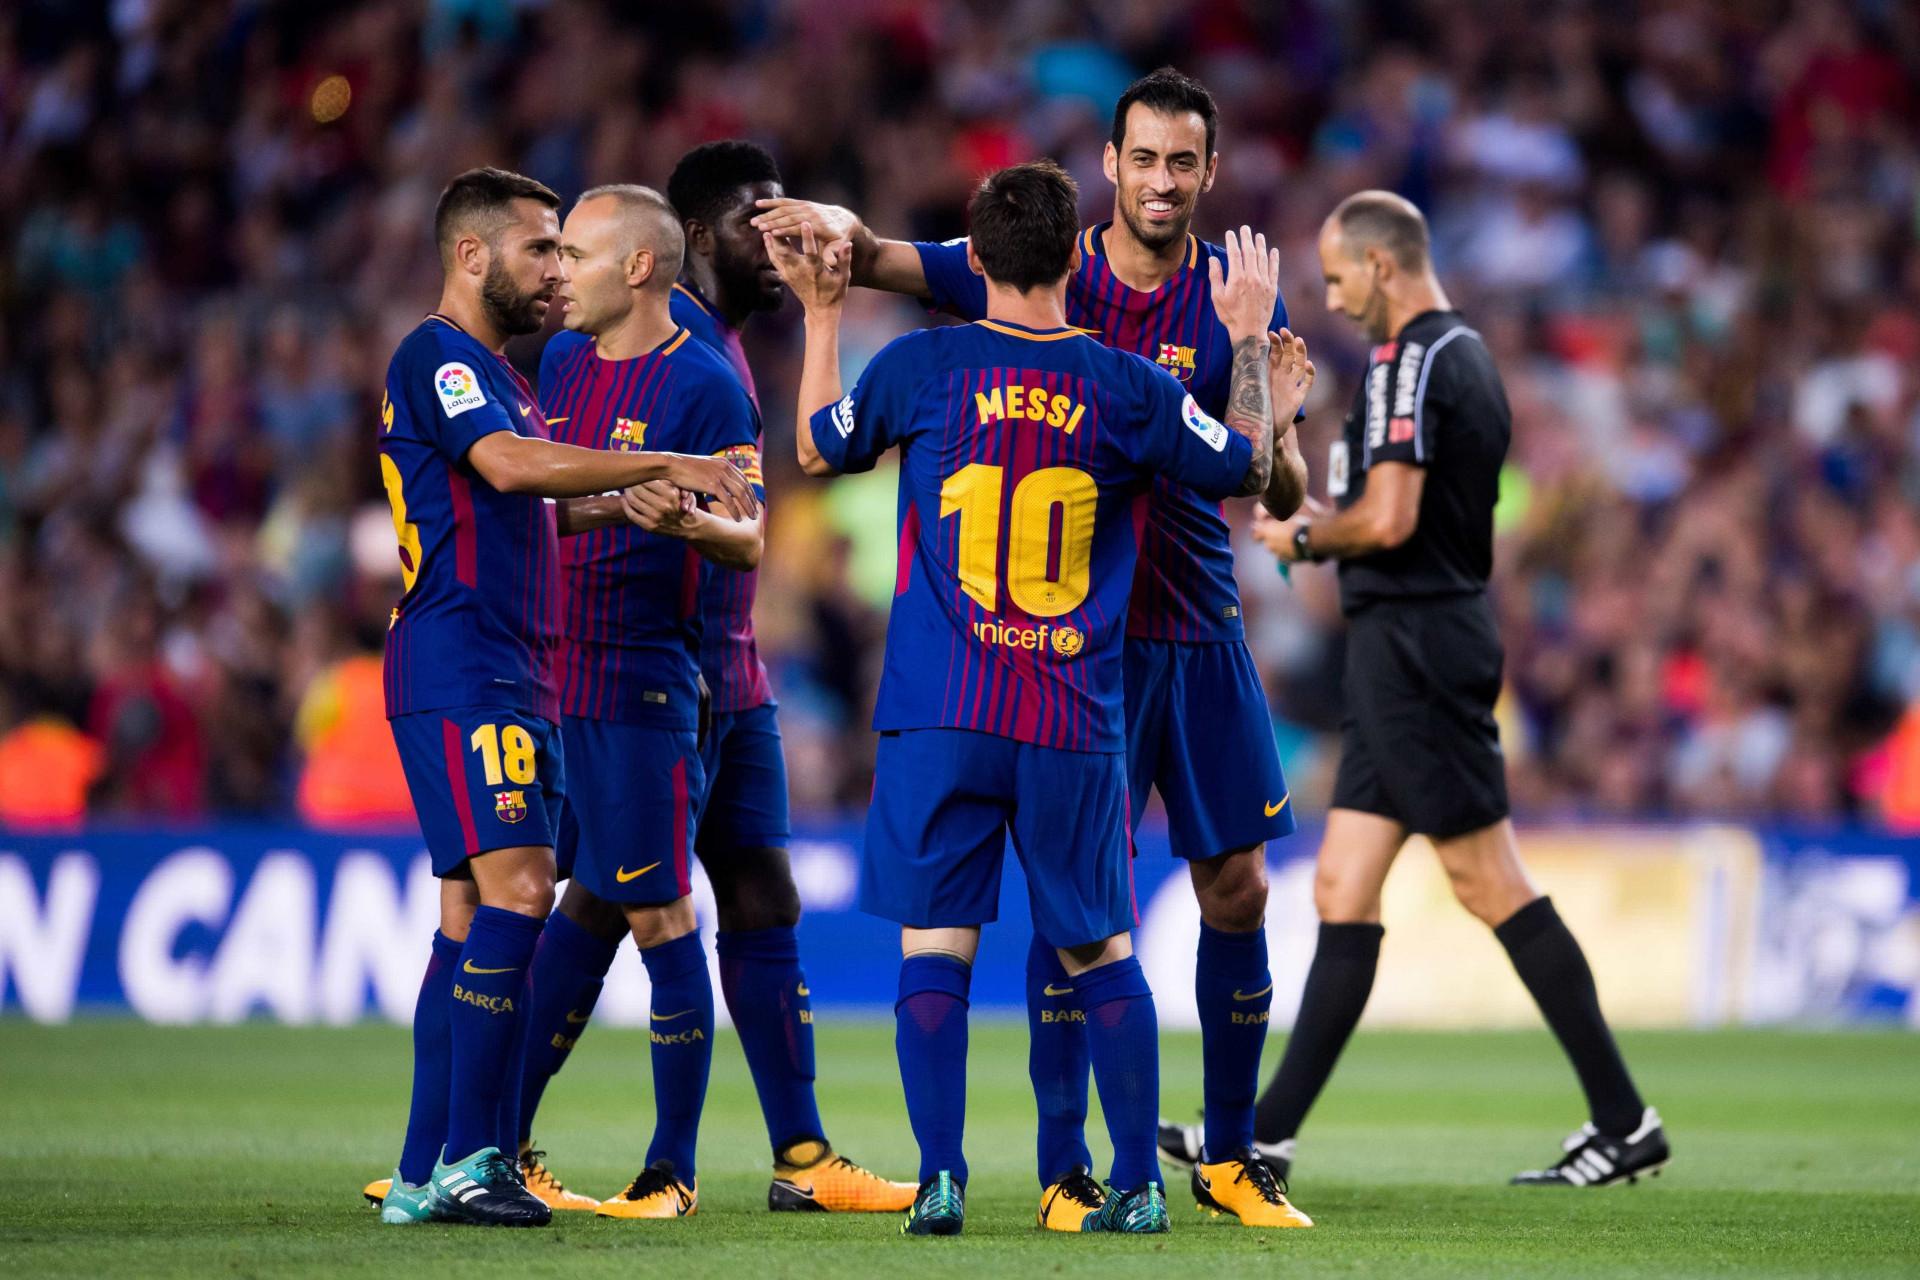 Barcelona goleia em dia de homenagem às vítimas do Chapecoense